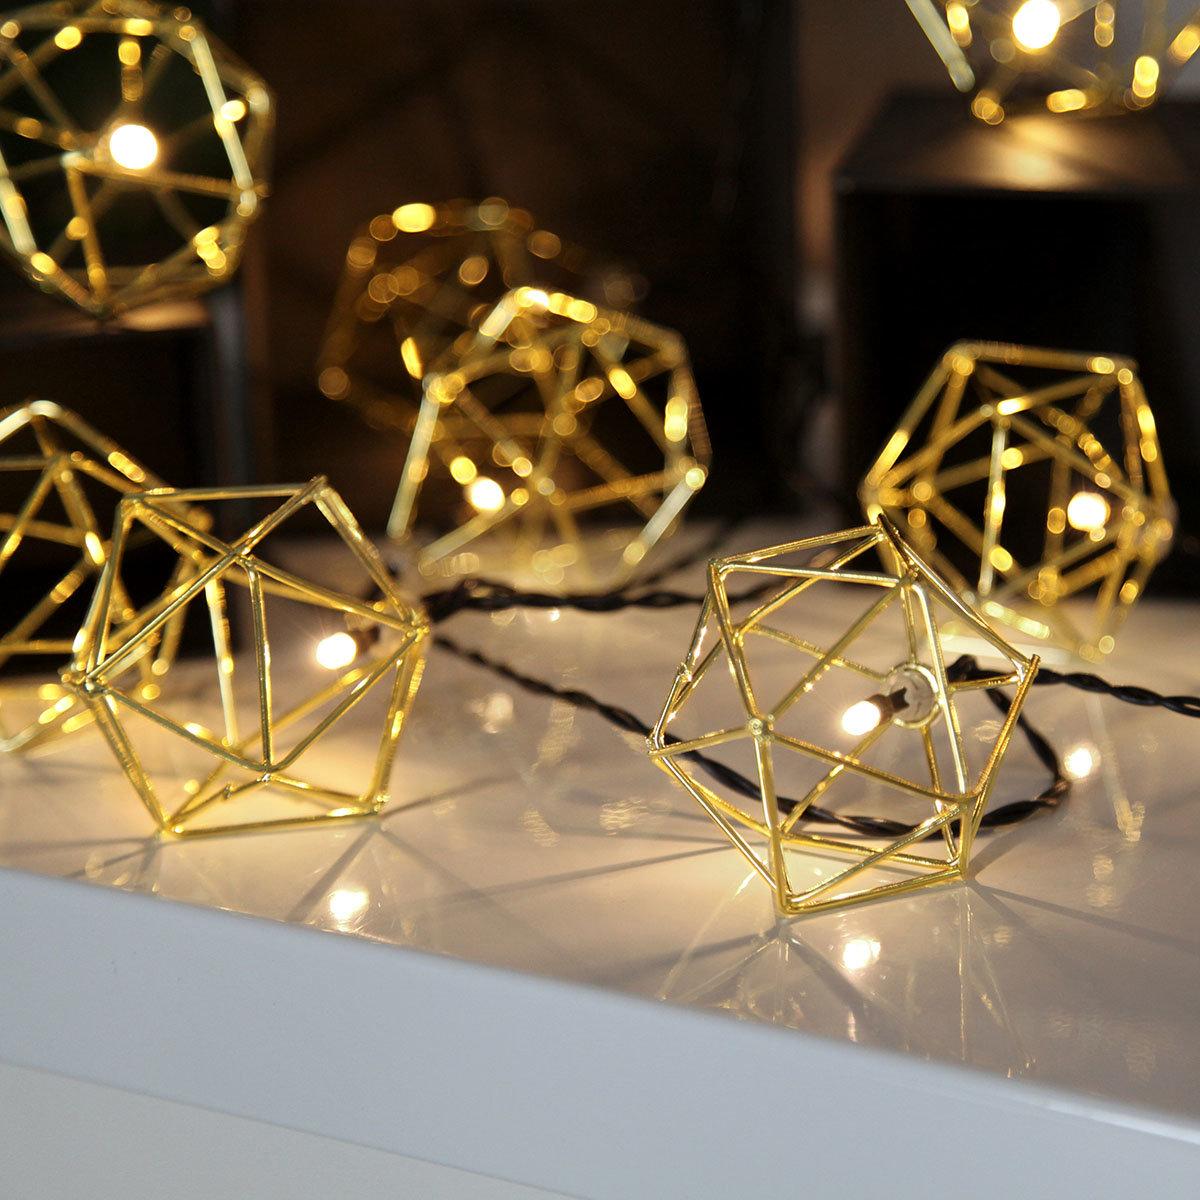 LED-Lichterkette Edge, 225 cm, Metall, gold